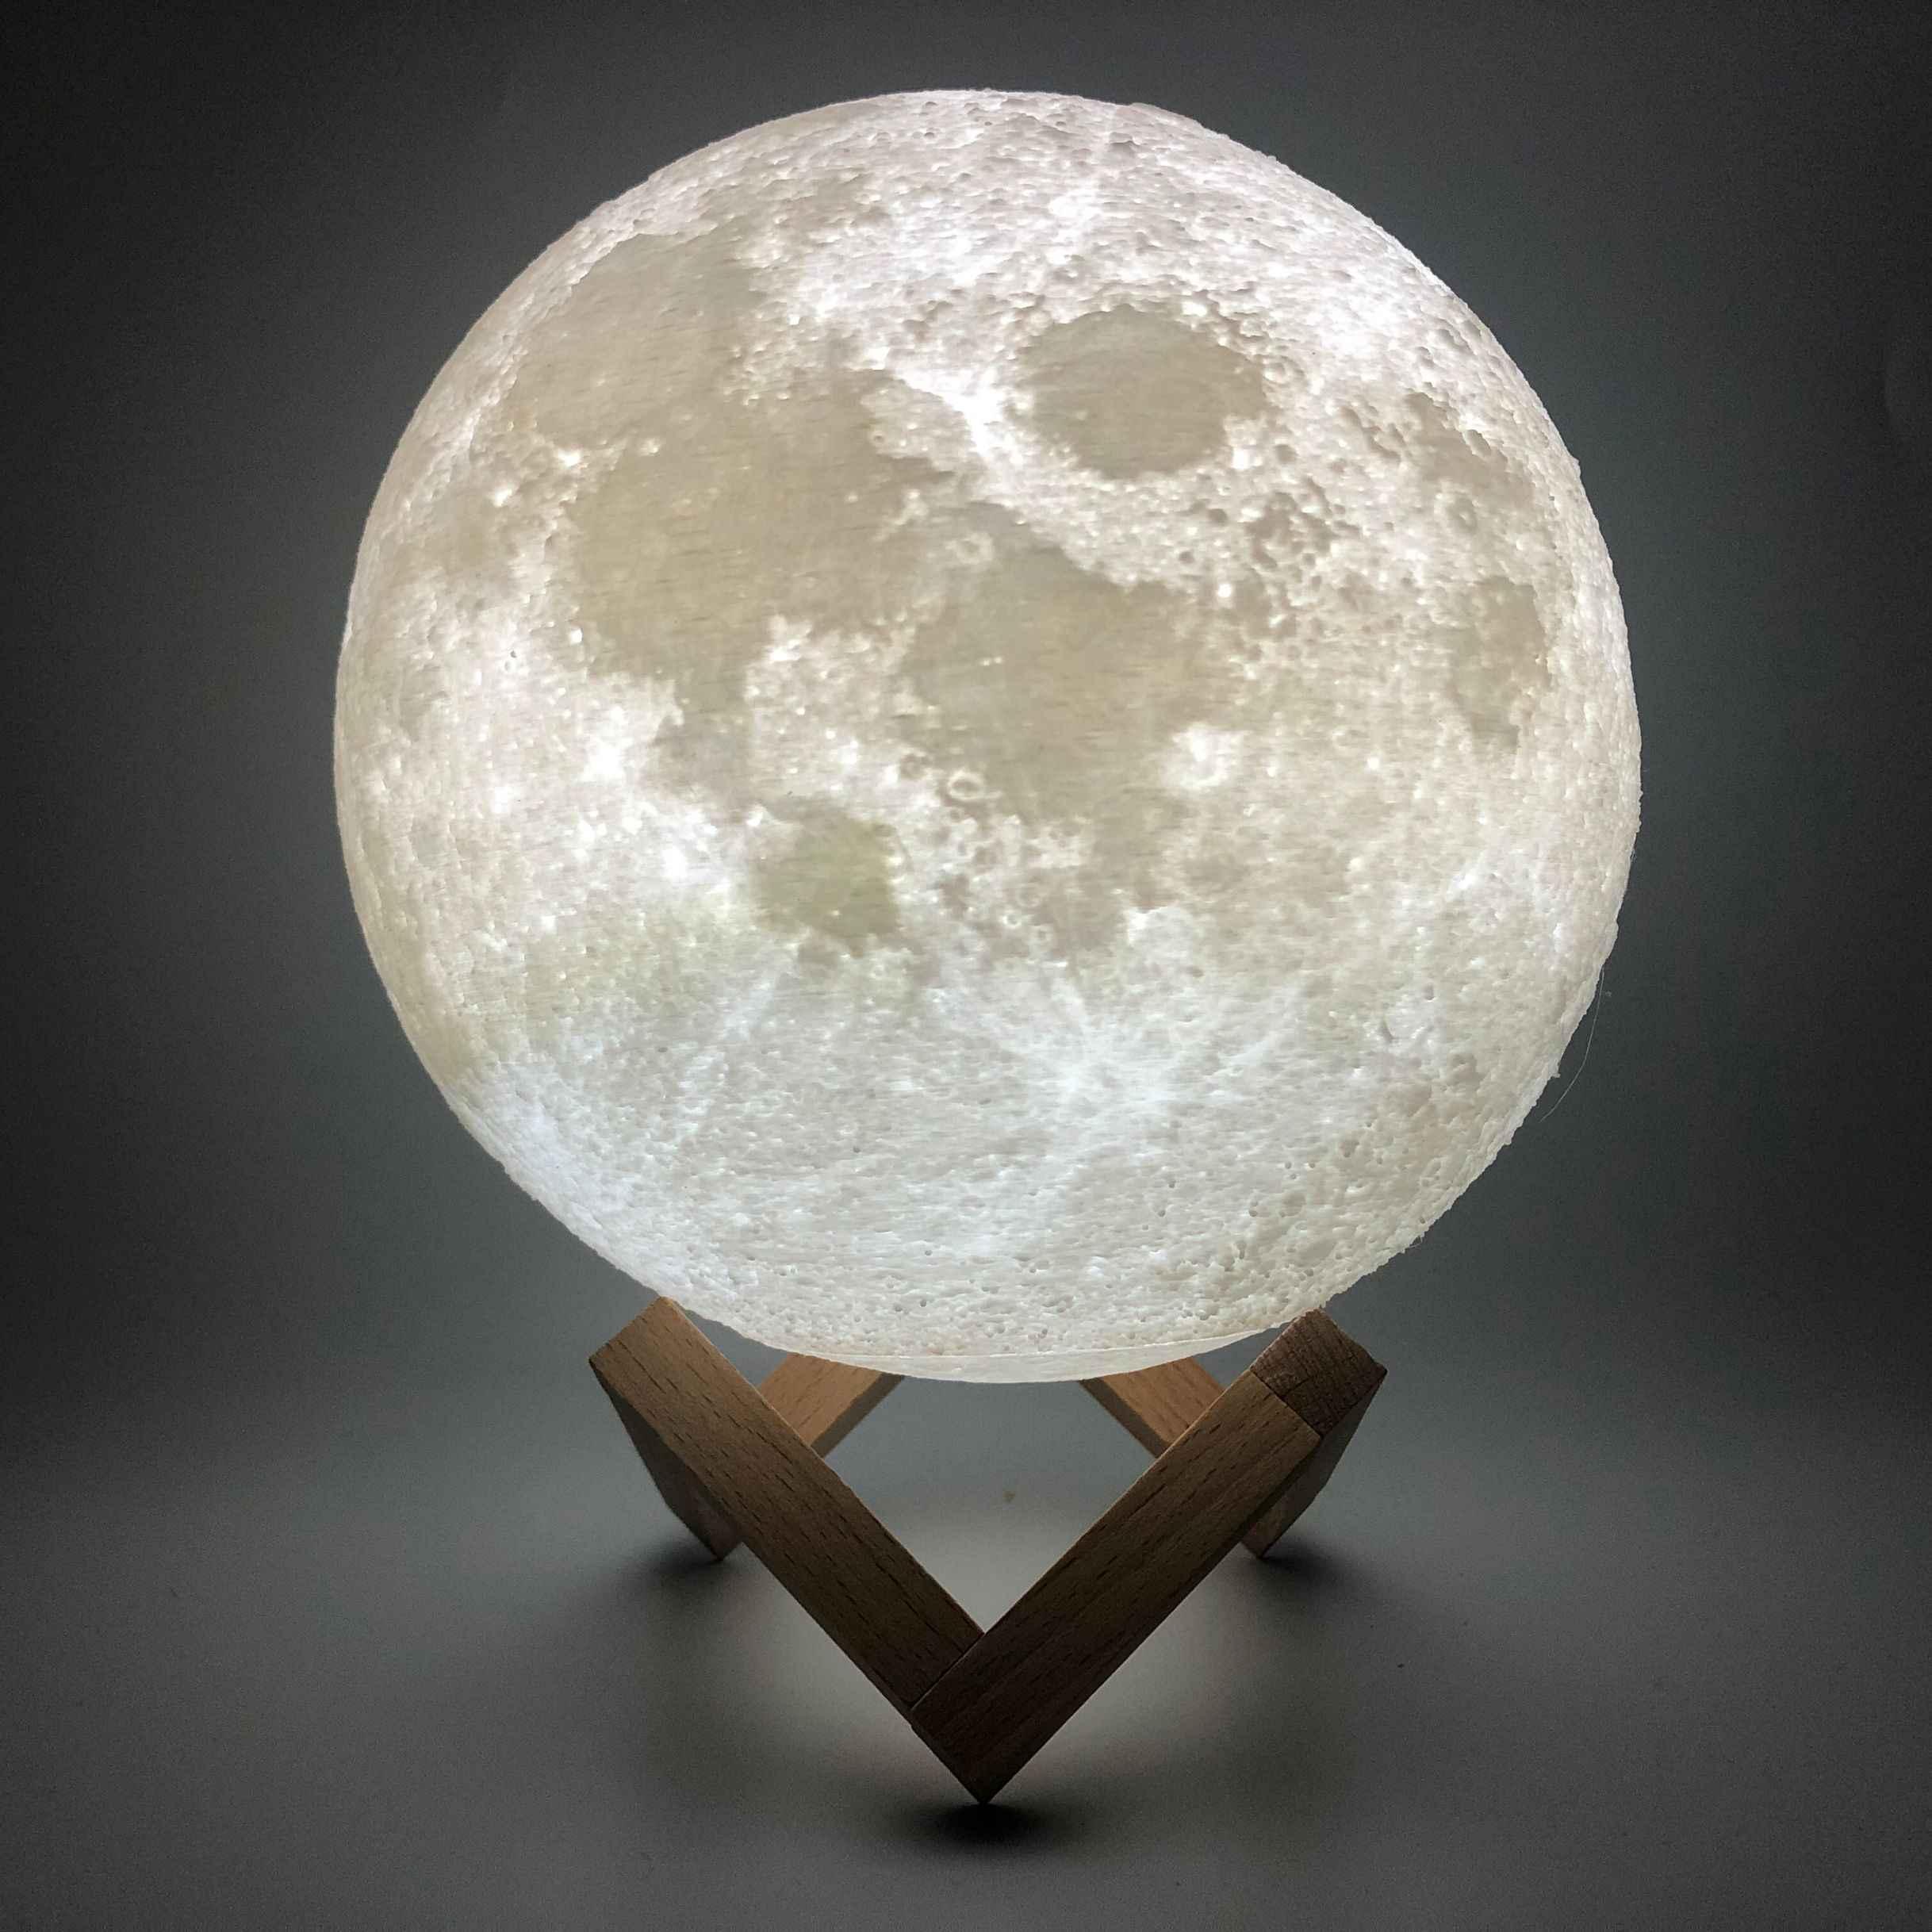 Новый дропшиппинг 3D печать Лунная лампа красочный сенсорный переключатель Usb свет проводимый ночной креативный подарок для украшения дома